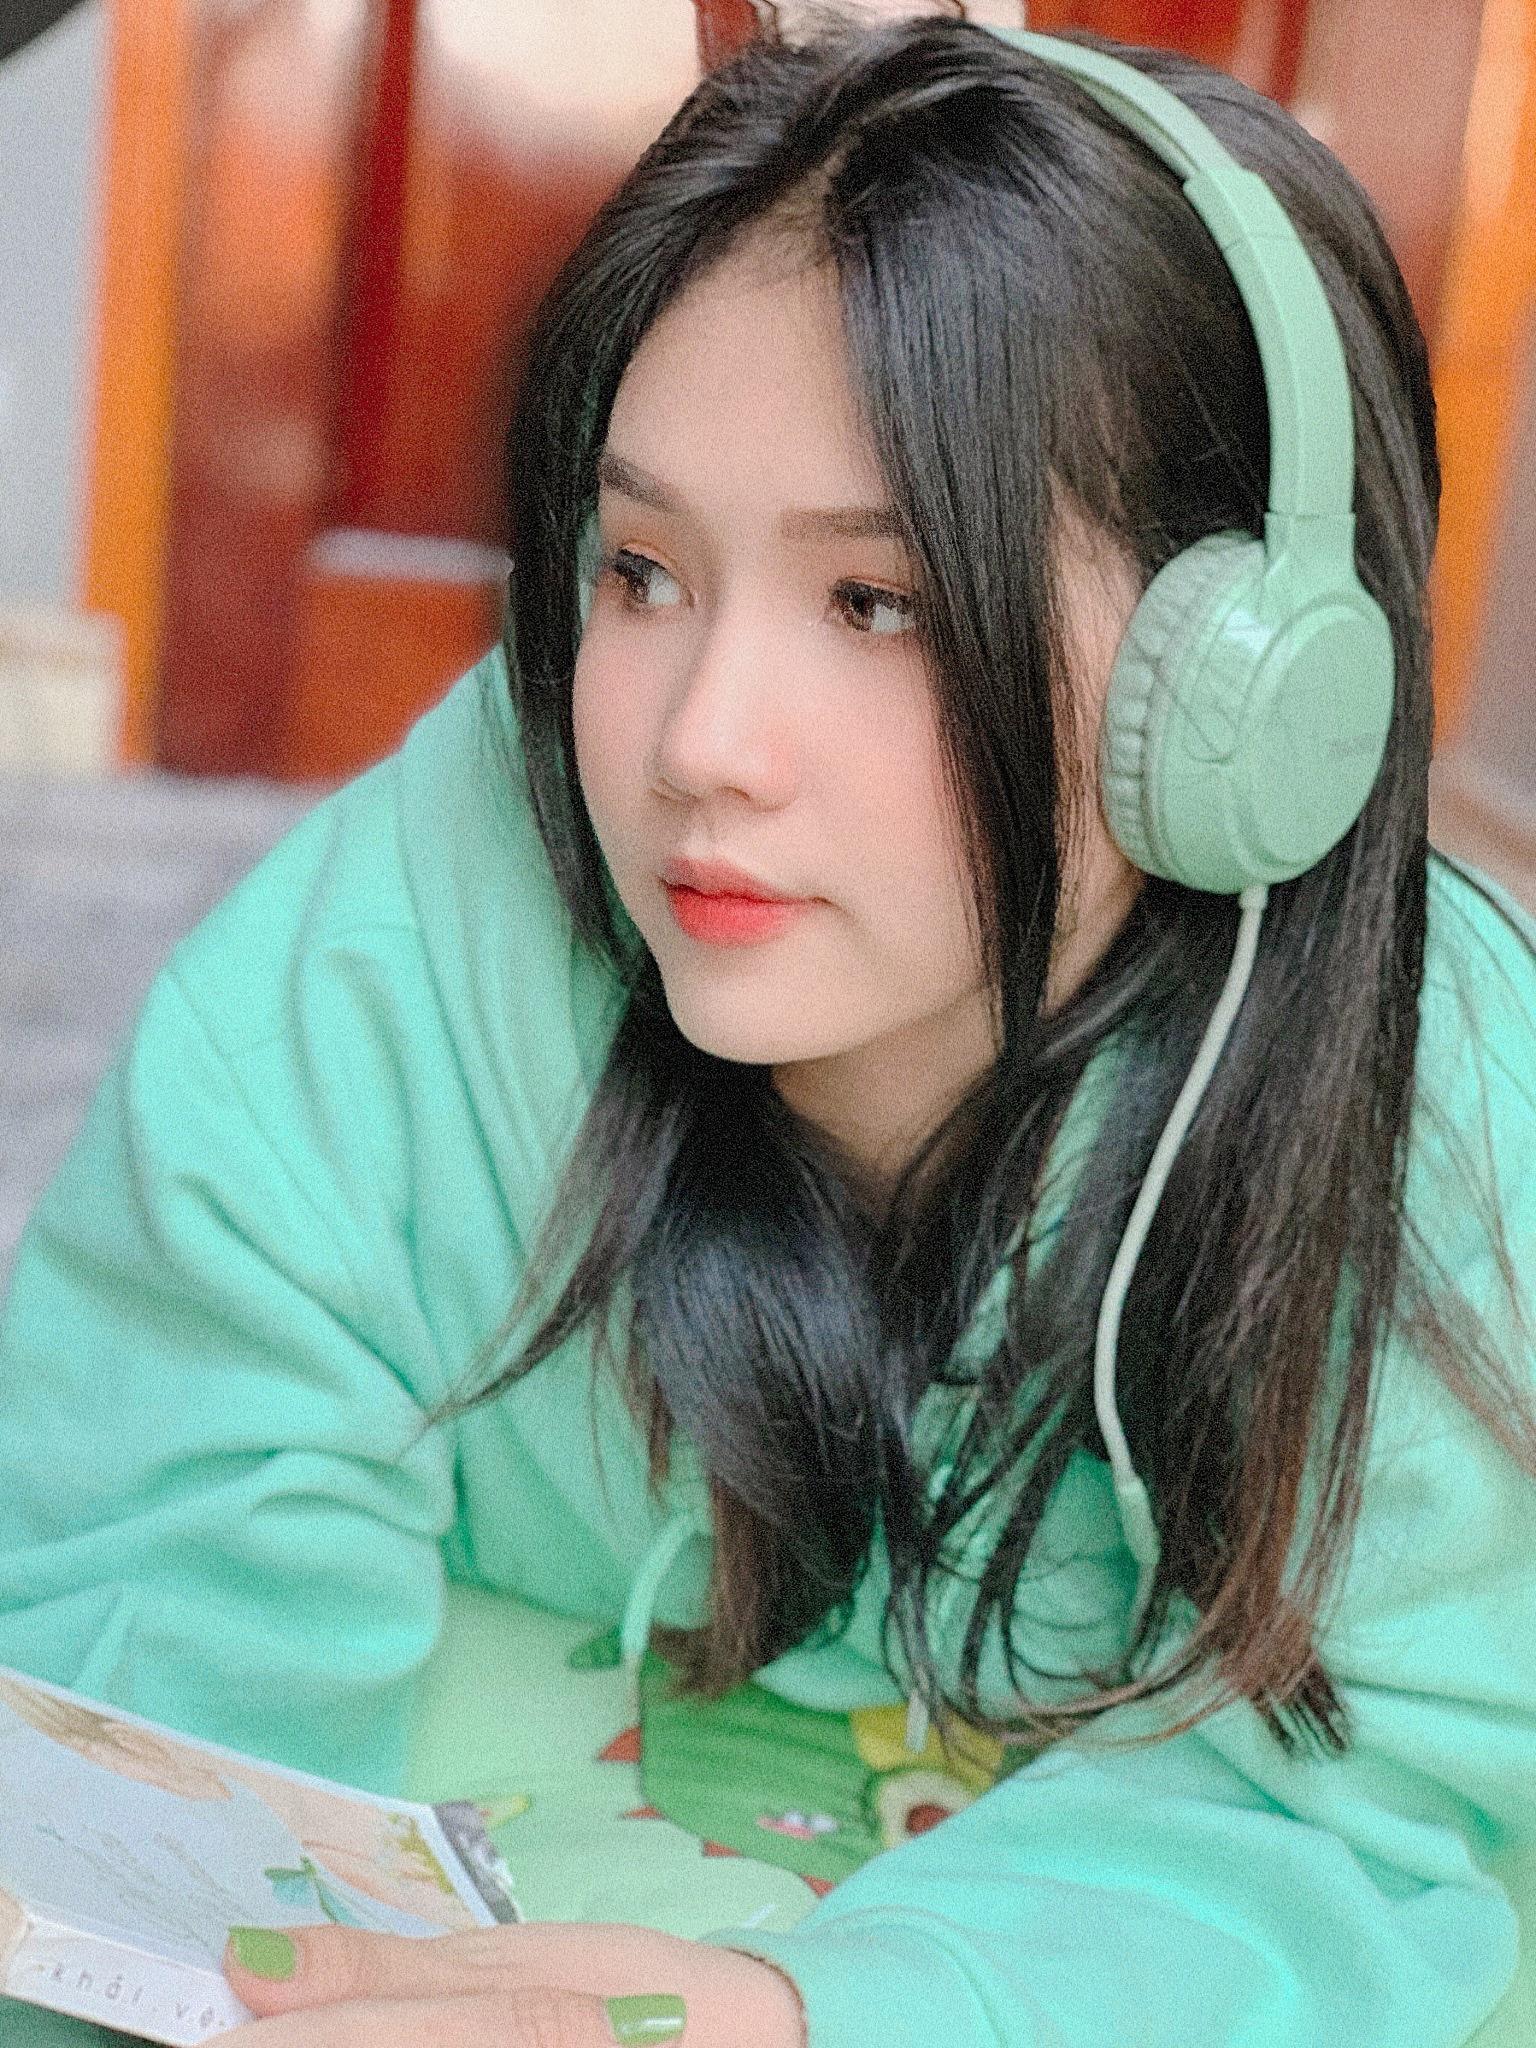 Cựu nữ sinh đẹp vạn người mê tựa Ngọc Trinh đoán tỉ số Việt Nam vs UAE, tin Việt Nam chiến thắng - Ảnh 12.